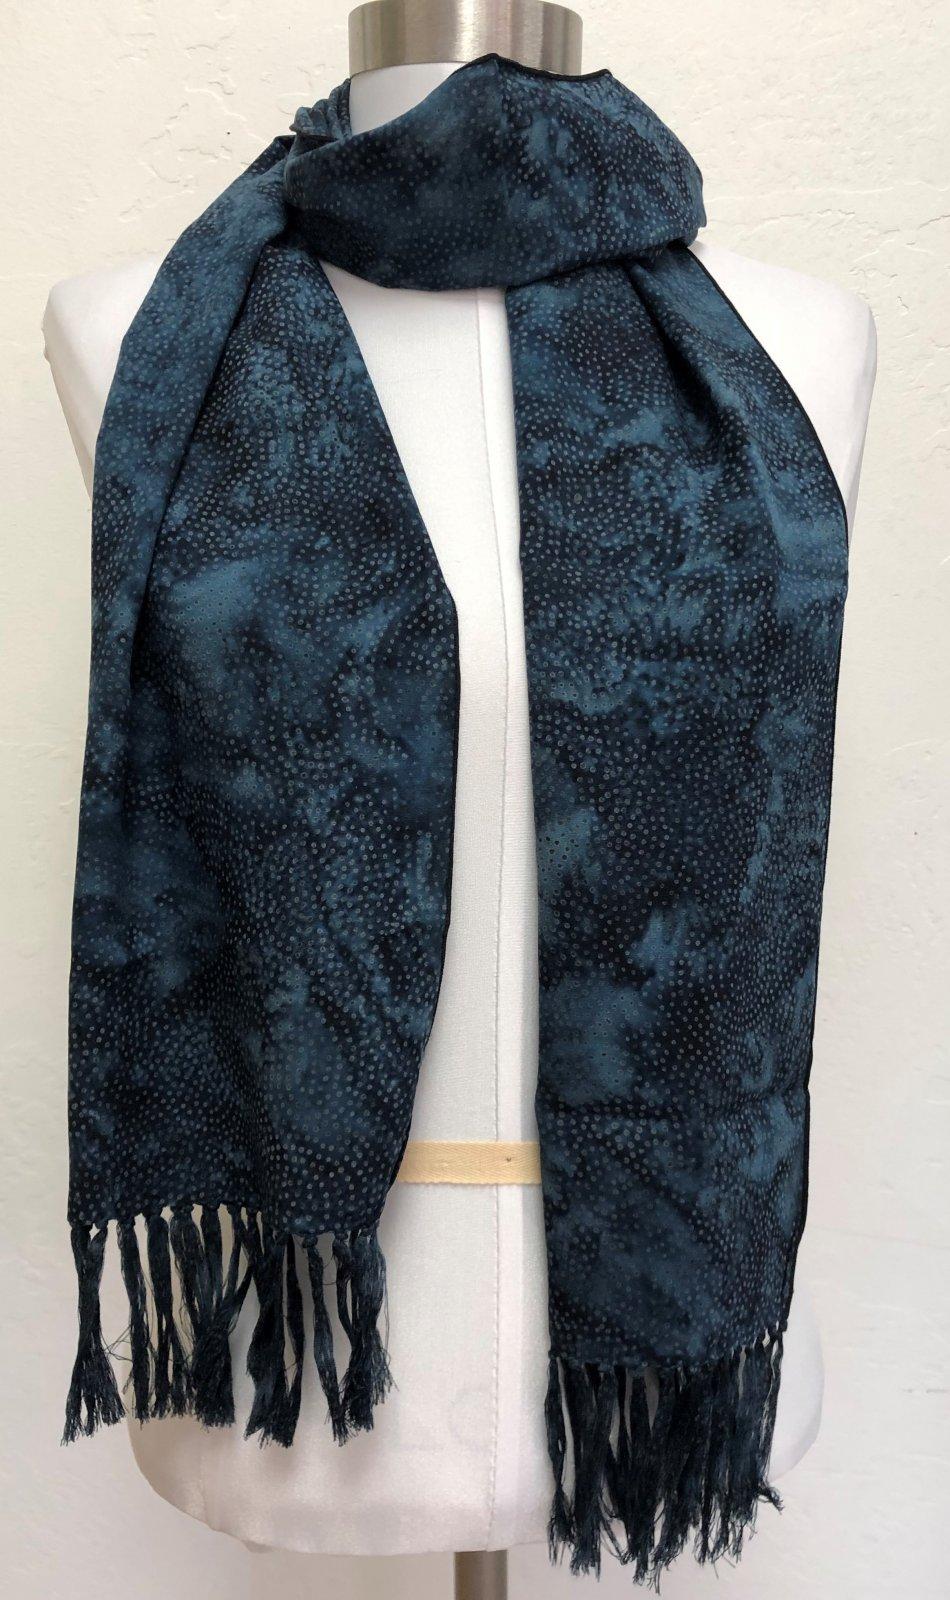 Rayon Batik Scarves